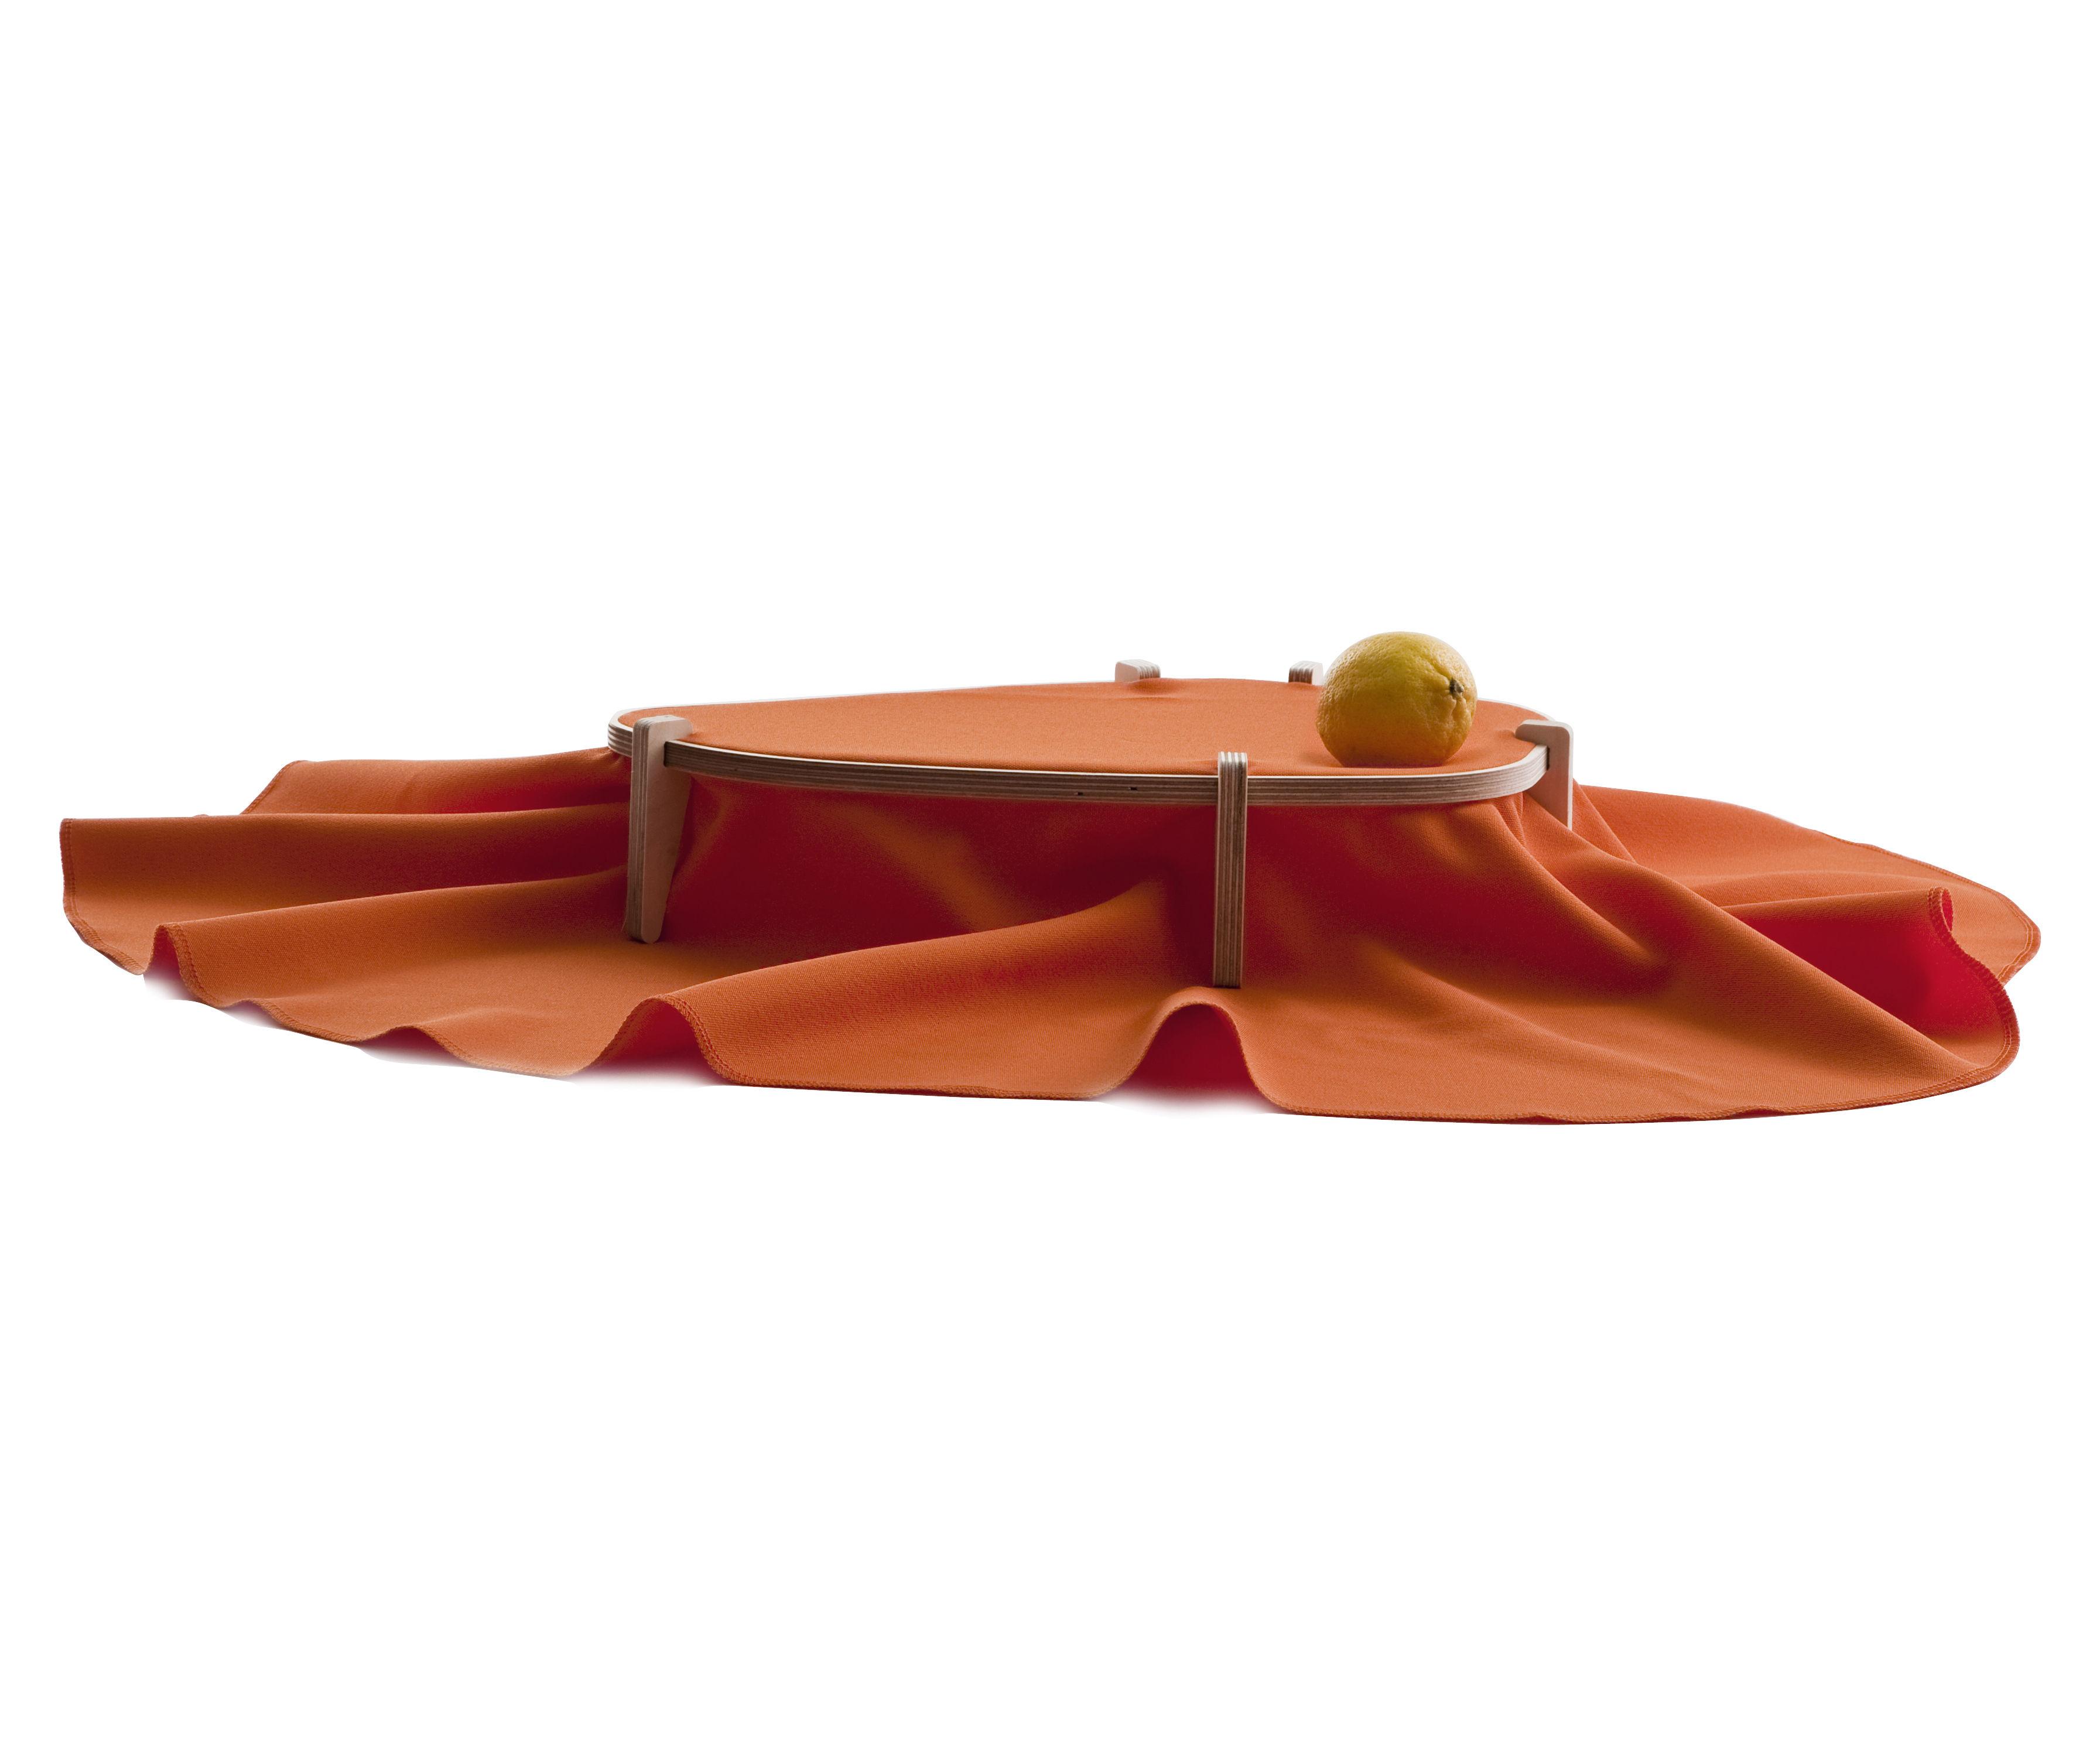 Arts de la table - Corbeilles, centres de table - Centre de table Dress / 65 x 35 cm - En tissu - Moustache - Orange brique - Multiplis de bouleau, Tissu polyester